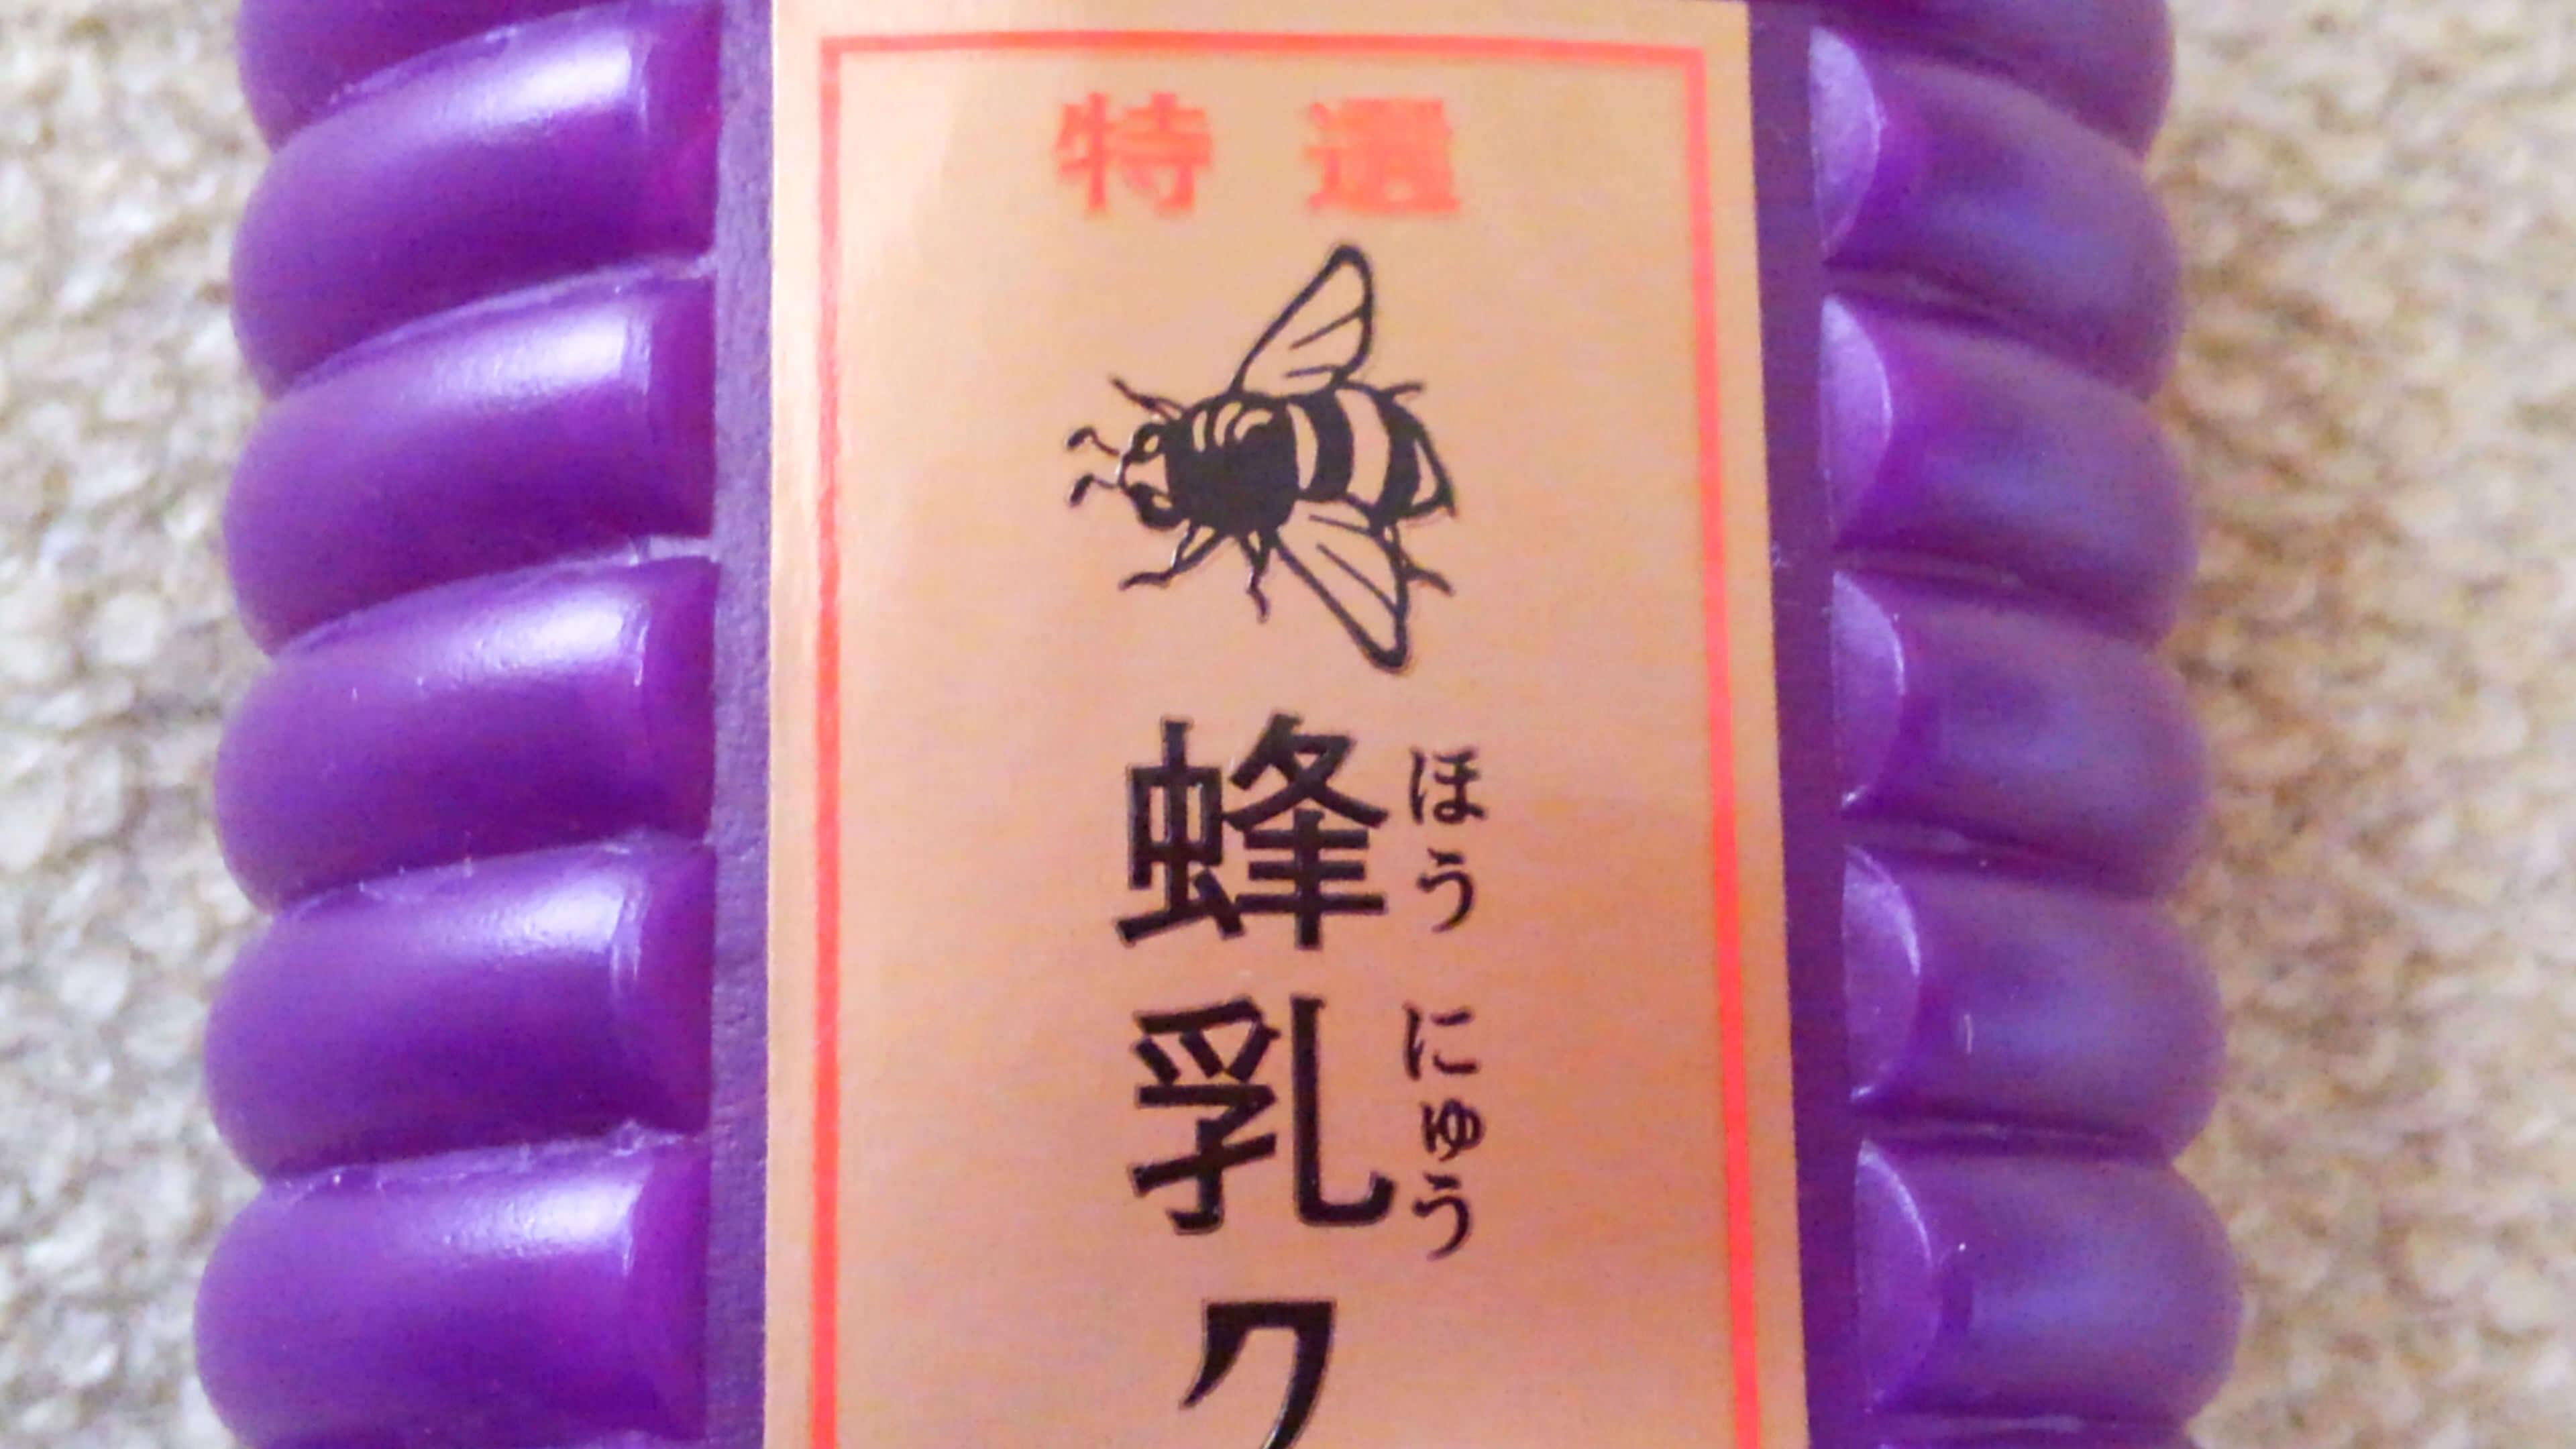 蜂乳クリーム石鹸紫UP